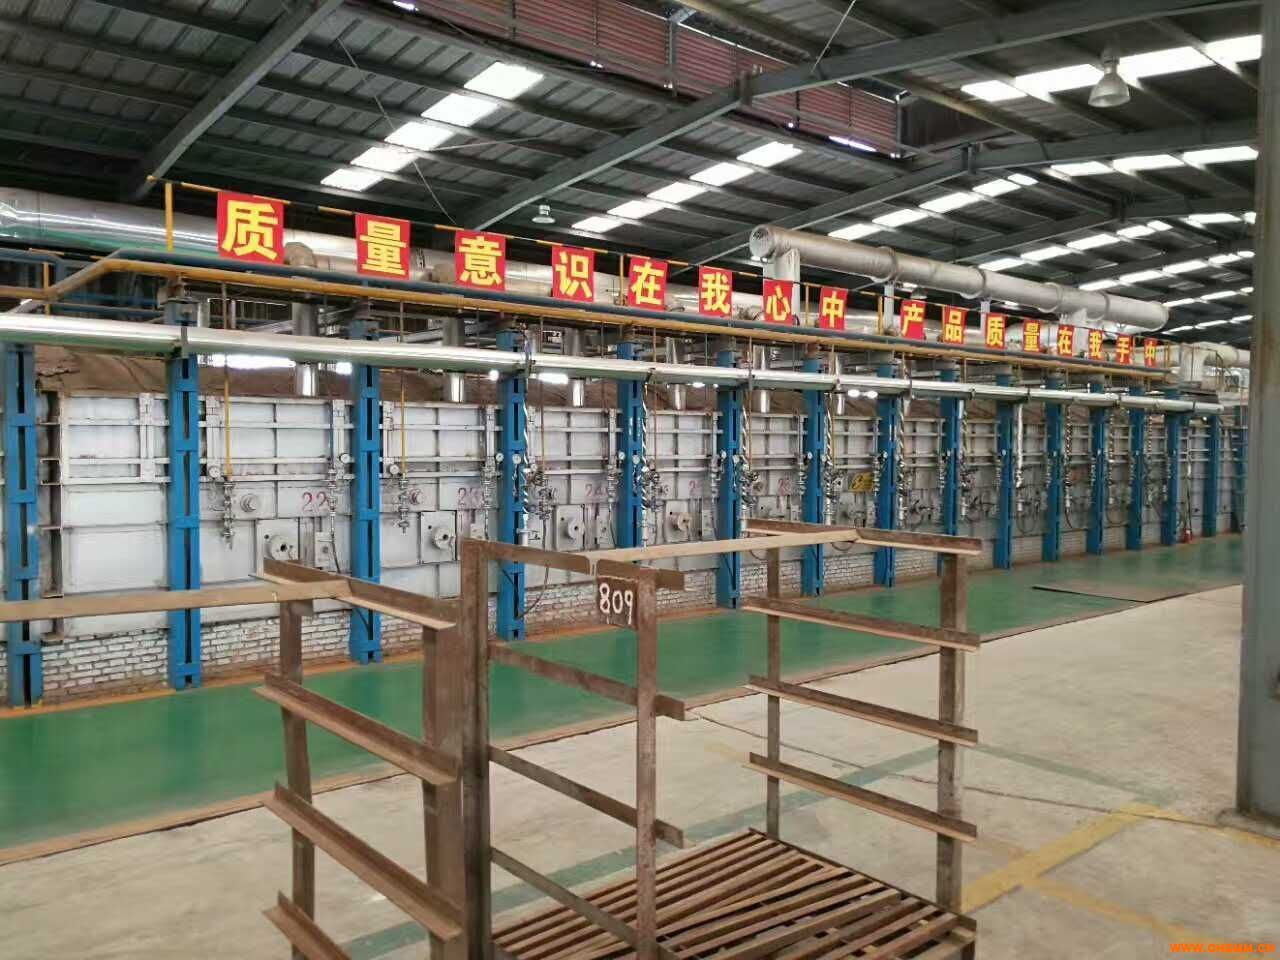 天然气轧钢加热炉烧嘴 - 中国化工机械网